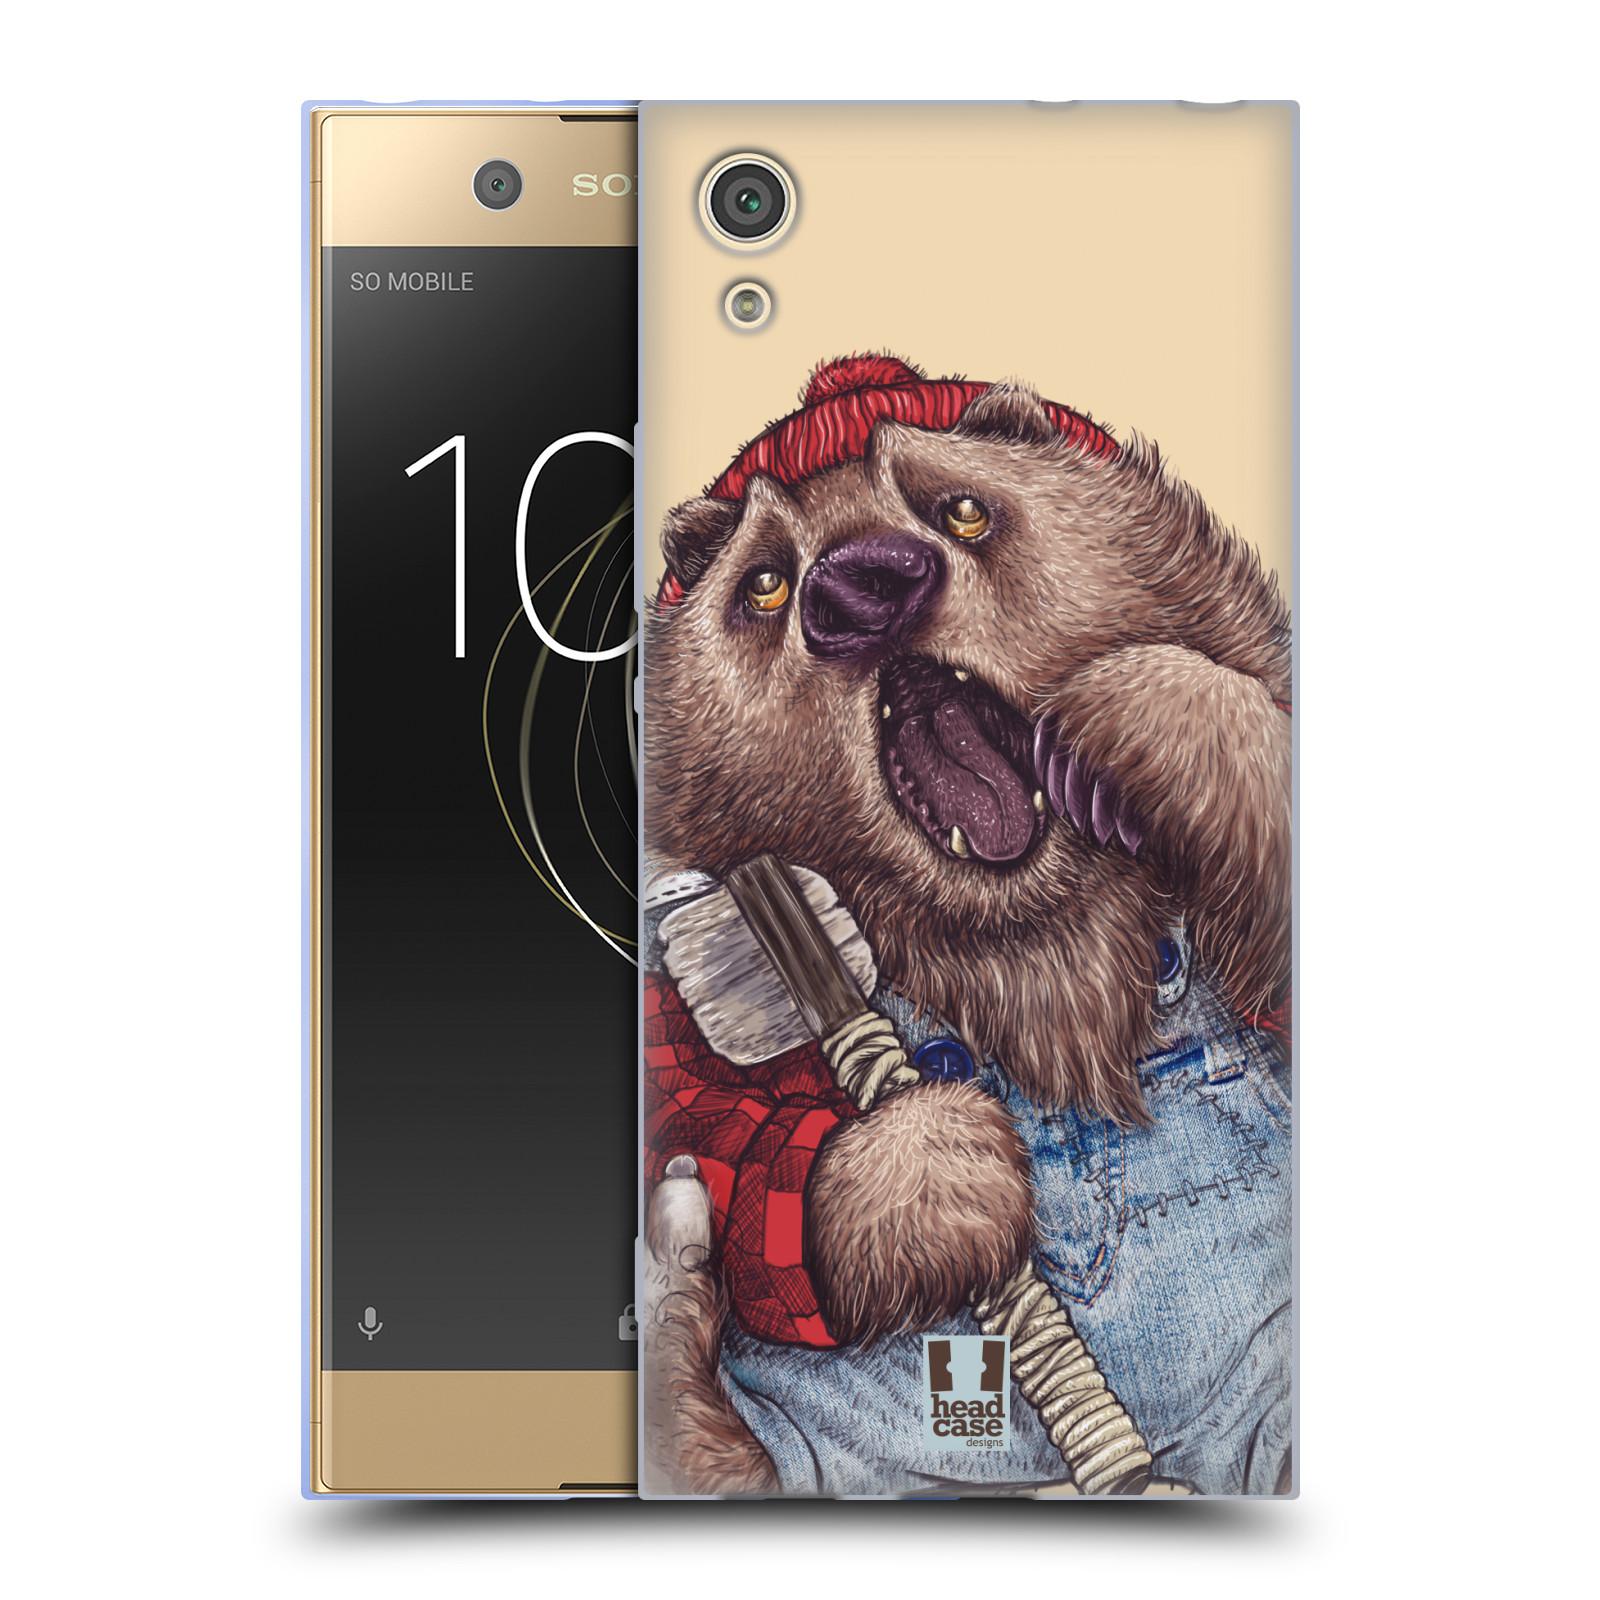 HEAD CASE silikonový obal na mobil Sony Xperia XA1 / XA1 DUAL SIM vzor Kreslená zvířátka medvěd